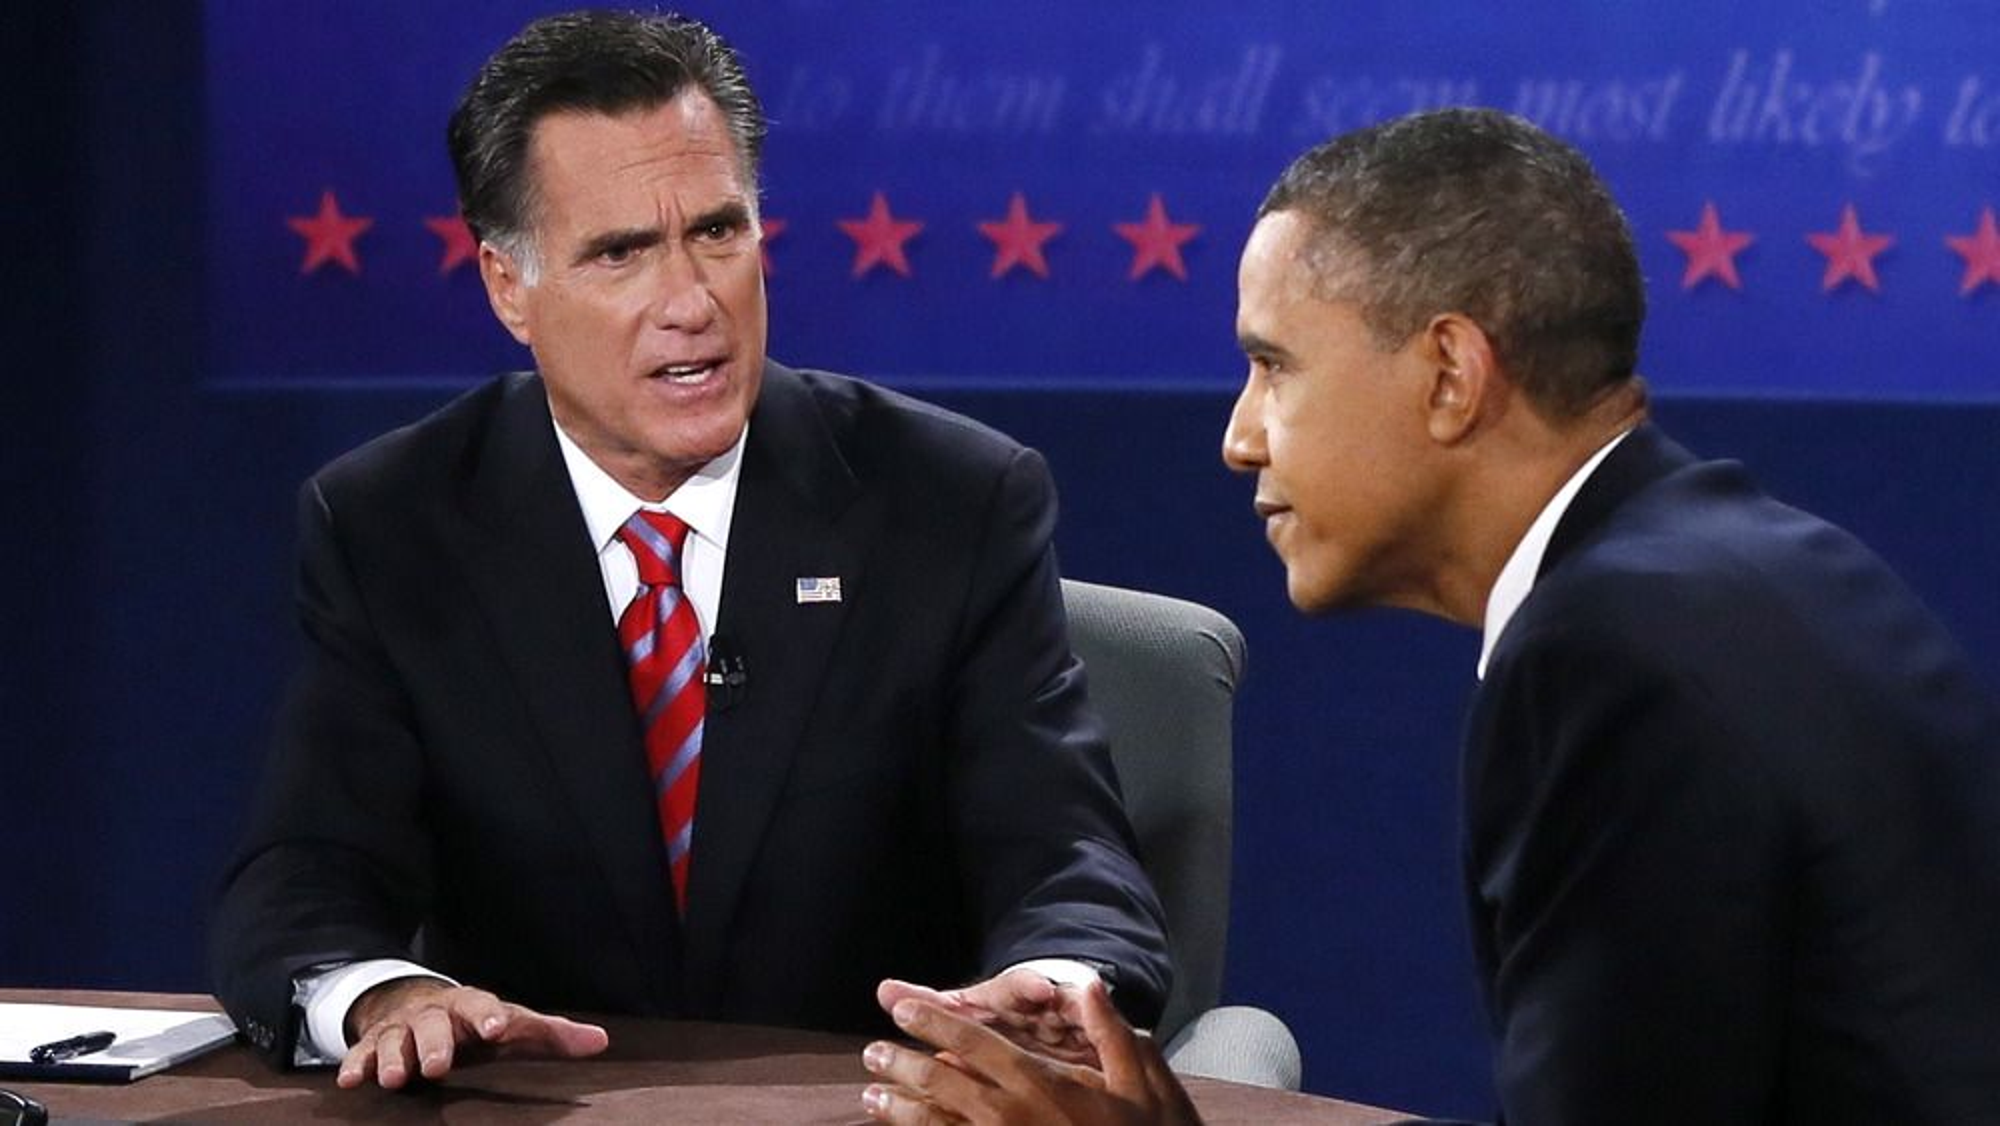 Romney og Obama har ulikt syn på om innovasjon og teknologiutvikling kan og bør styres, ifølge USA-kjenner Jan Arild Snoen